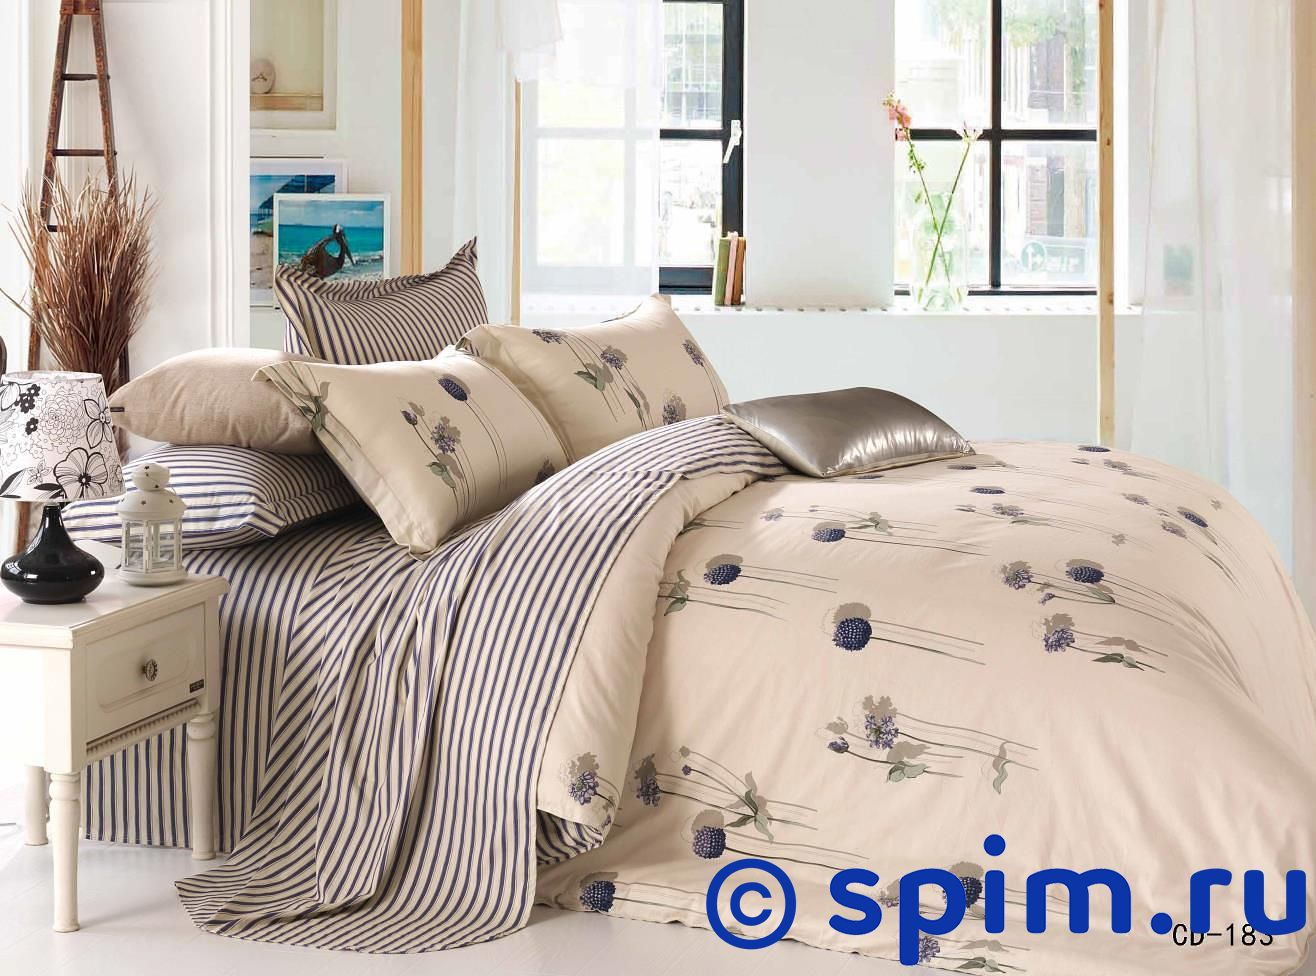 Комплект KingSilk-Arlet Cd-183 1.5 спальноеПостельное белье Kingsilk-Arlet<br>Материал: 100% хлопок. Плотность, г/м2: 120-125. Размер КнигСилк-Арлет: 1.5 спальное<br><br>Размер: 1.5 спальное